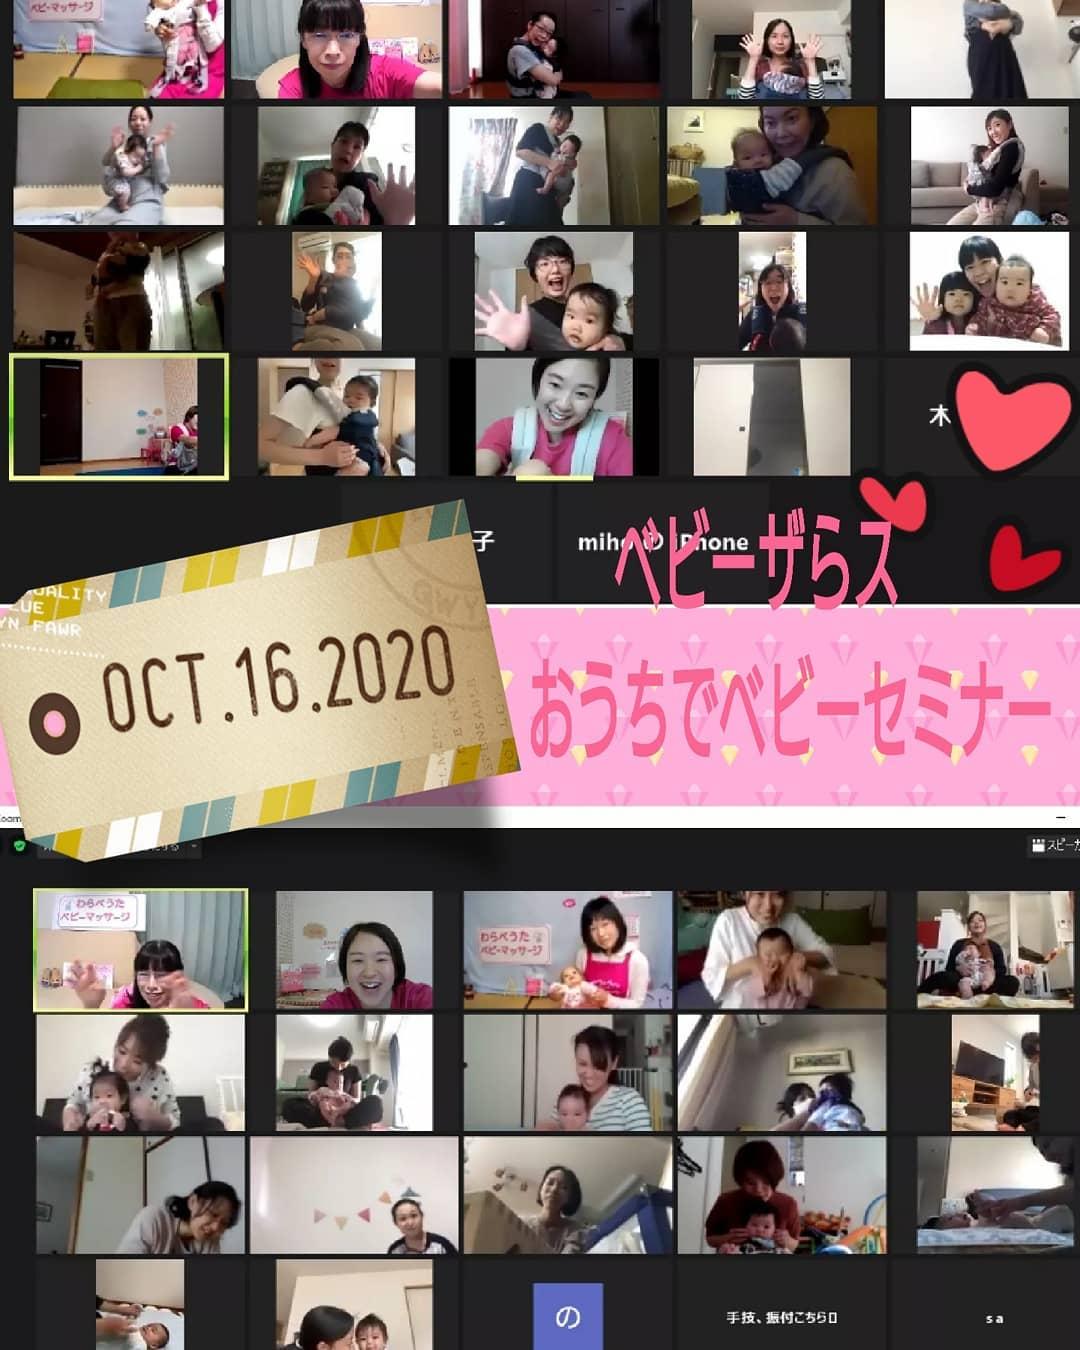 ベビーザらス&わらべび おうちでベビーセミナー #最終日本日も沢山の親子の皆さんがご参加くださいました皆さんが #笑顔 になっていただき、とても嬉しいです来月も ベビーザらス の #ベビーセミナー 開催予定ですHPチェックしてください#わらべうたベビーマッサージ 研究会でも開催しております11/4 11/24 12/212/21 #参加親子募集中(Instagram)